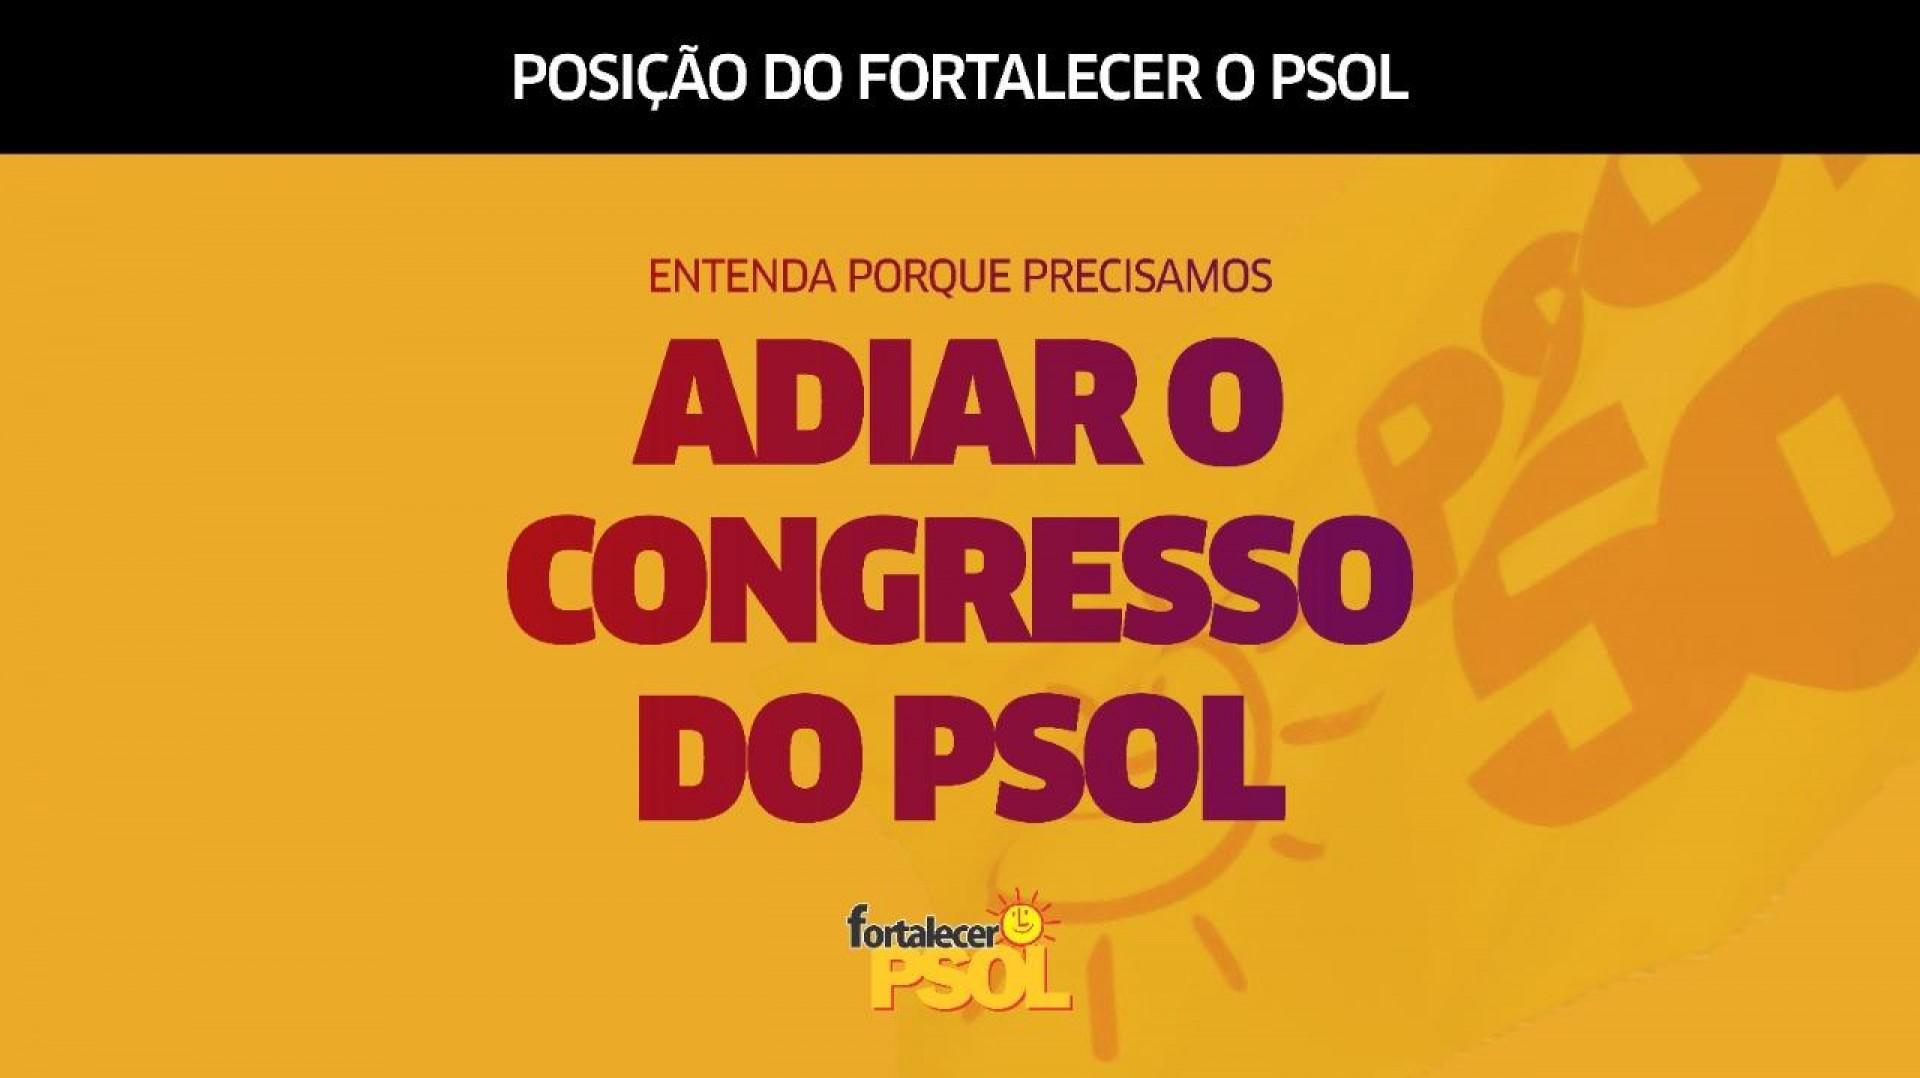 [POSIÇÃO DO FORTALECER O PSOL - ADIAMENTO DO CONGRESSO]